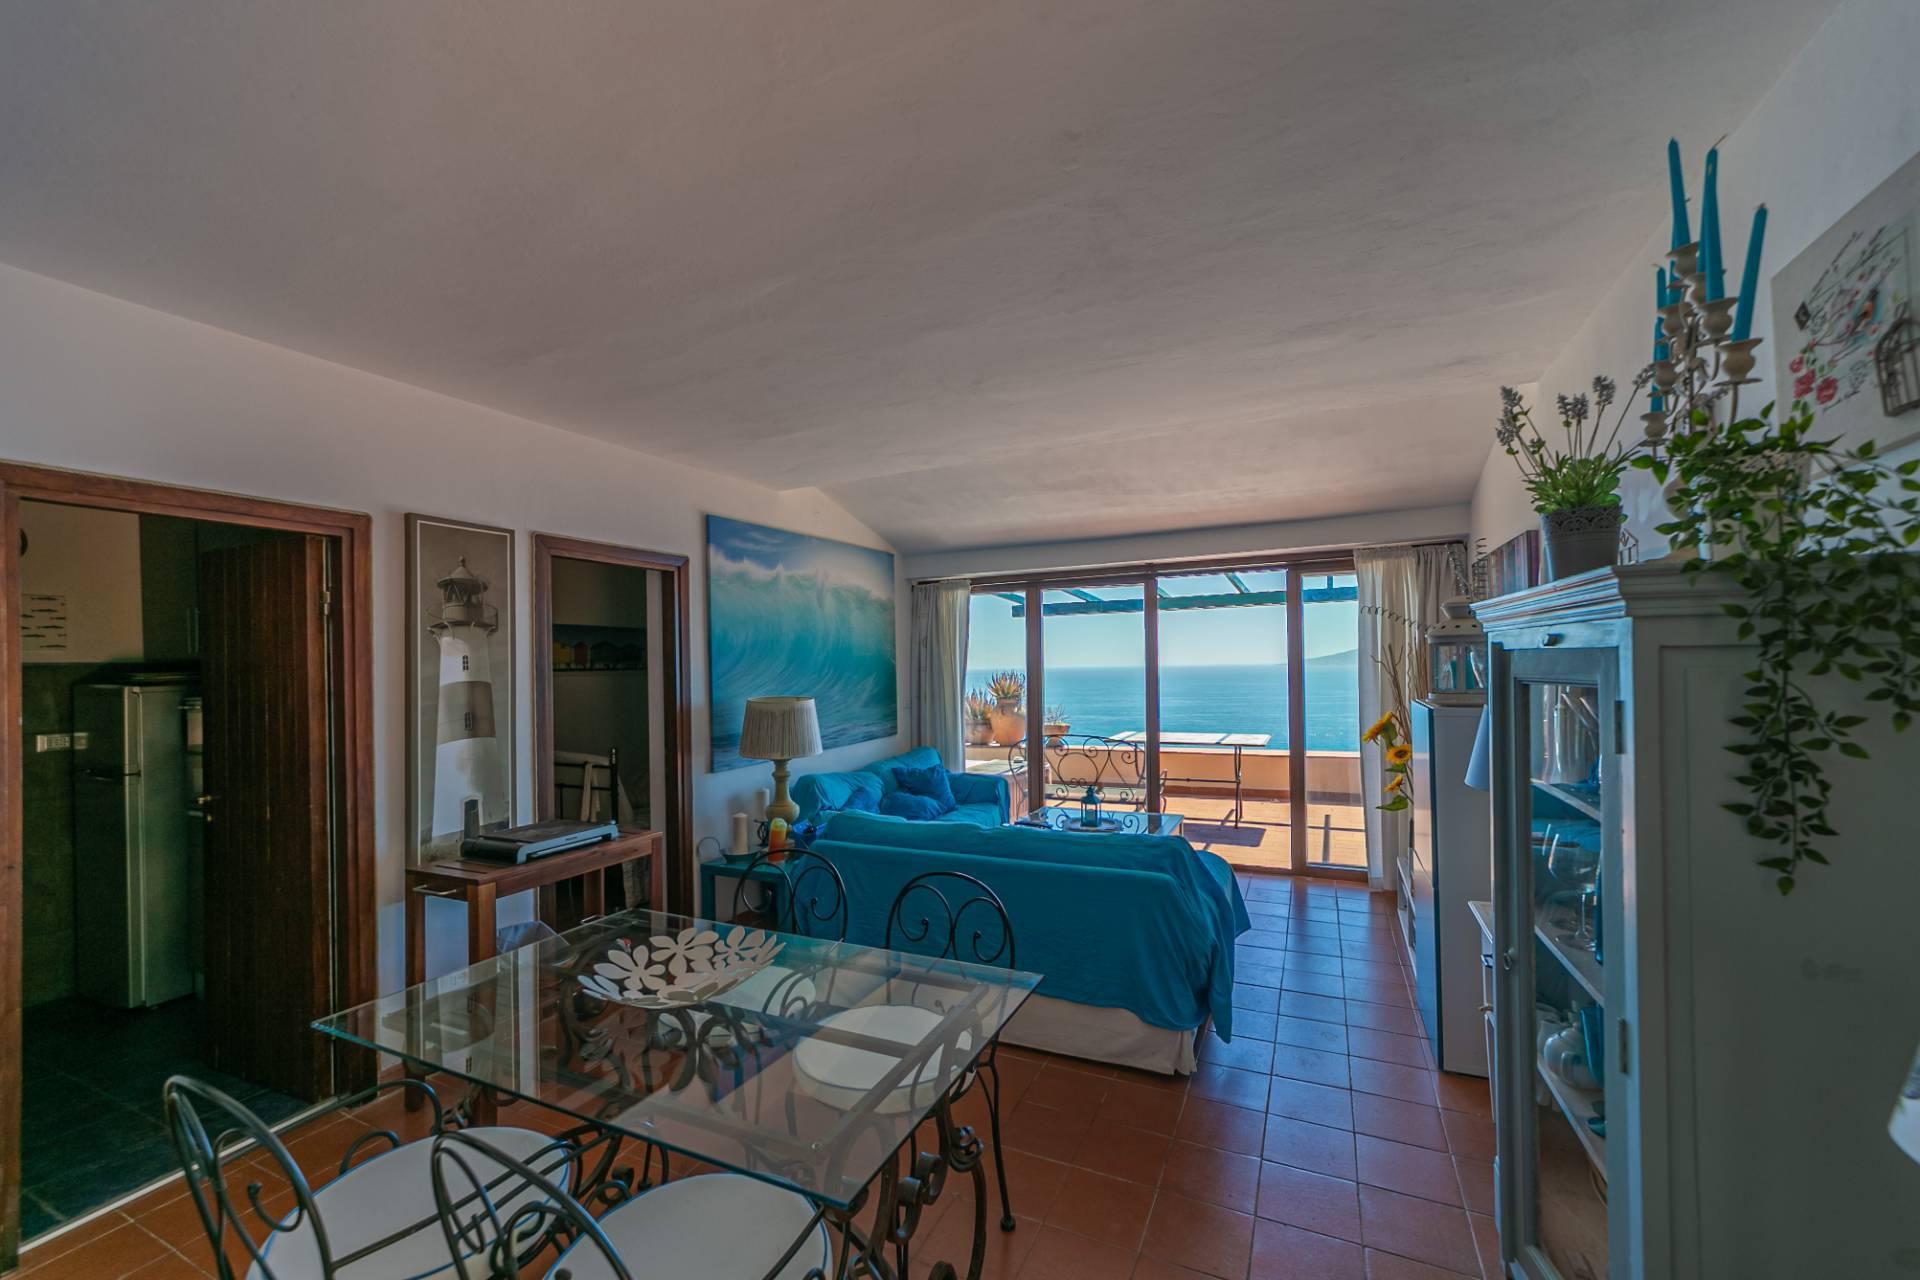 Appartamento in vendita a Monte Argentario, 4 locali, zona Località: CalaPiccola, prezzo € 595.000 | PortaleAgenzieImmobiliari.it